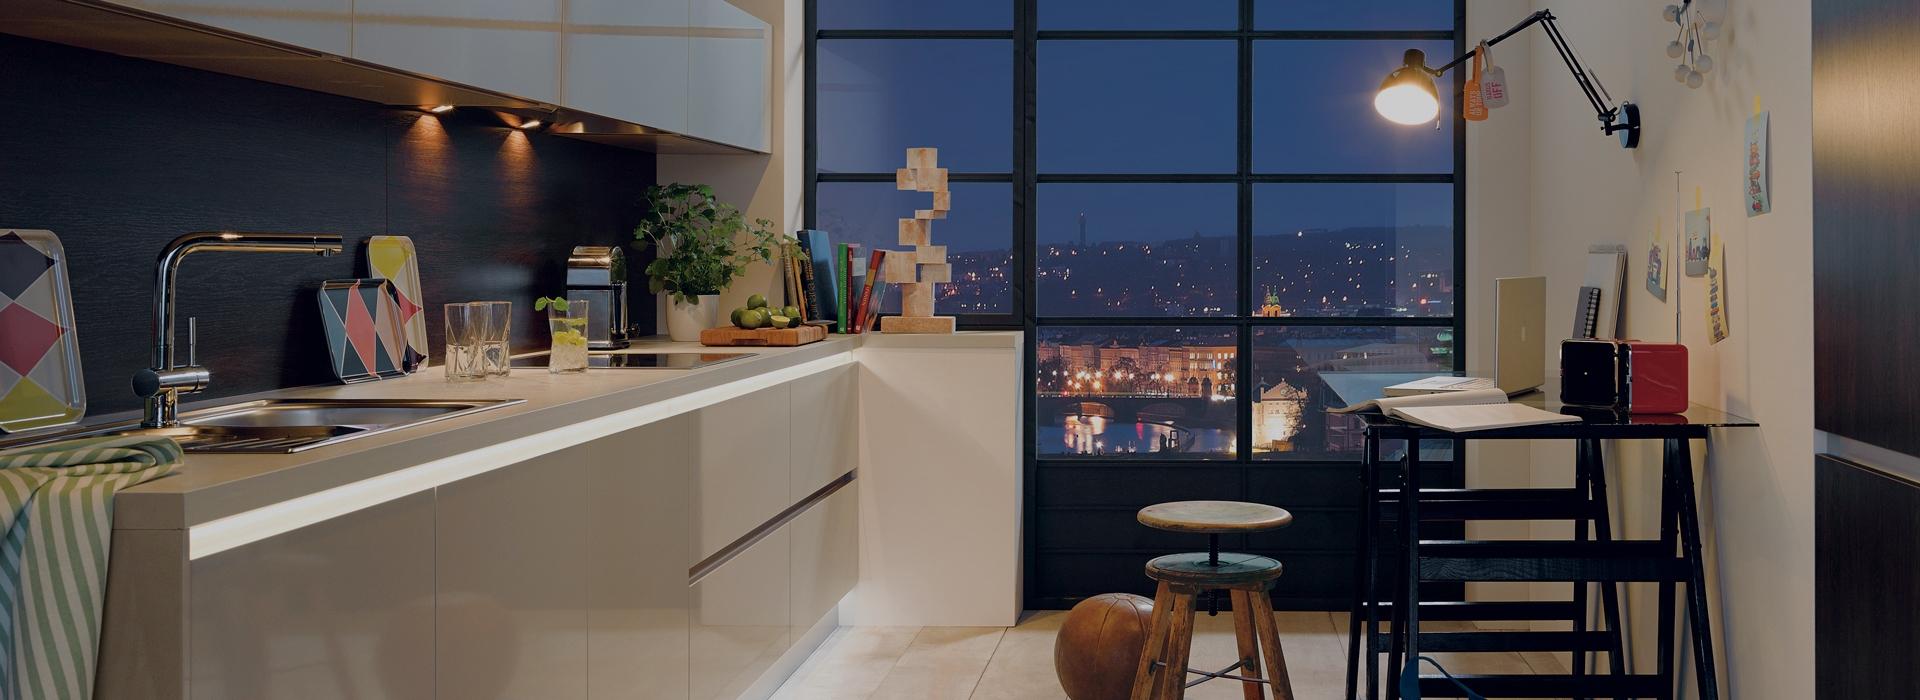 Eclairage Sous Meuble Cuisine Sans Interrupteur les éclairages de cuisine